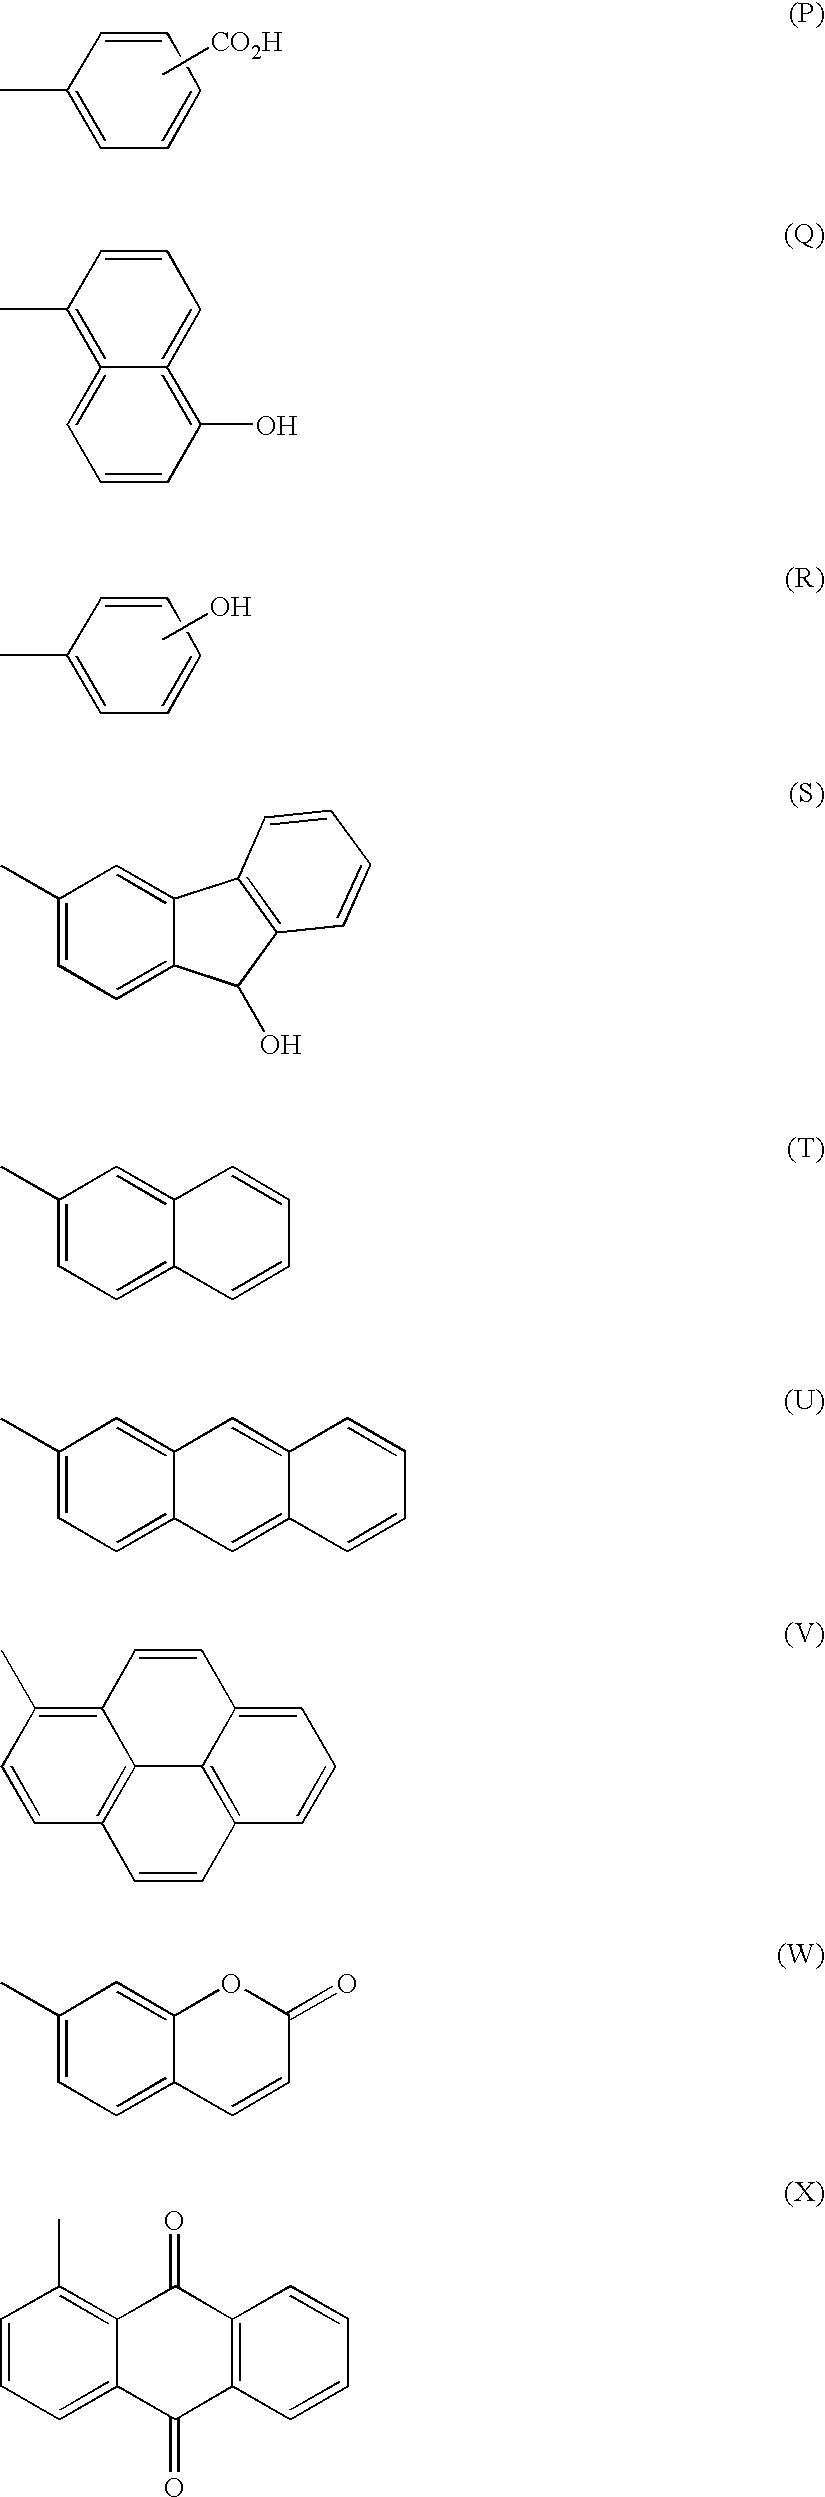 Figure US06824952-20041130-C00005